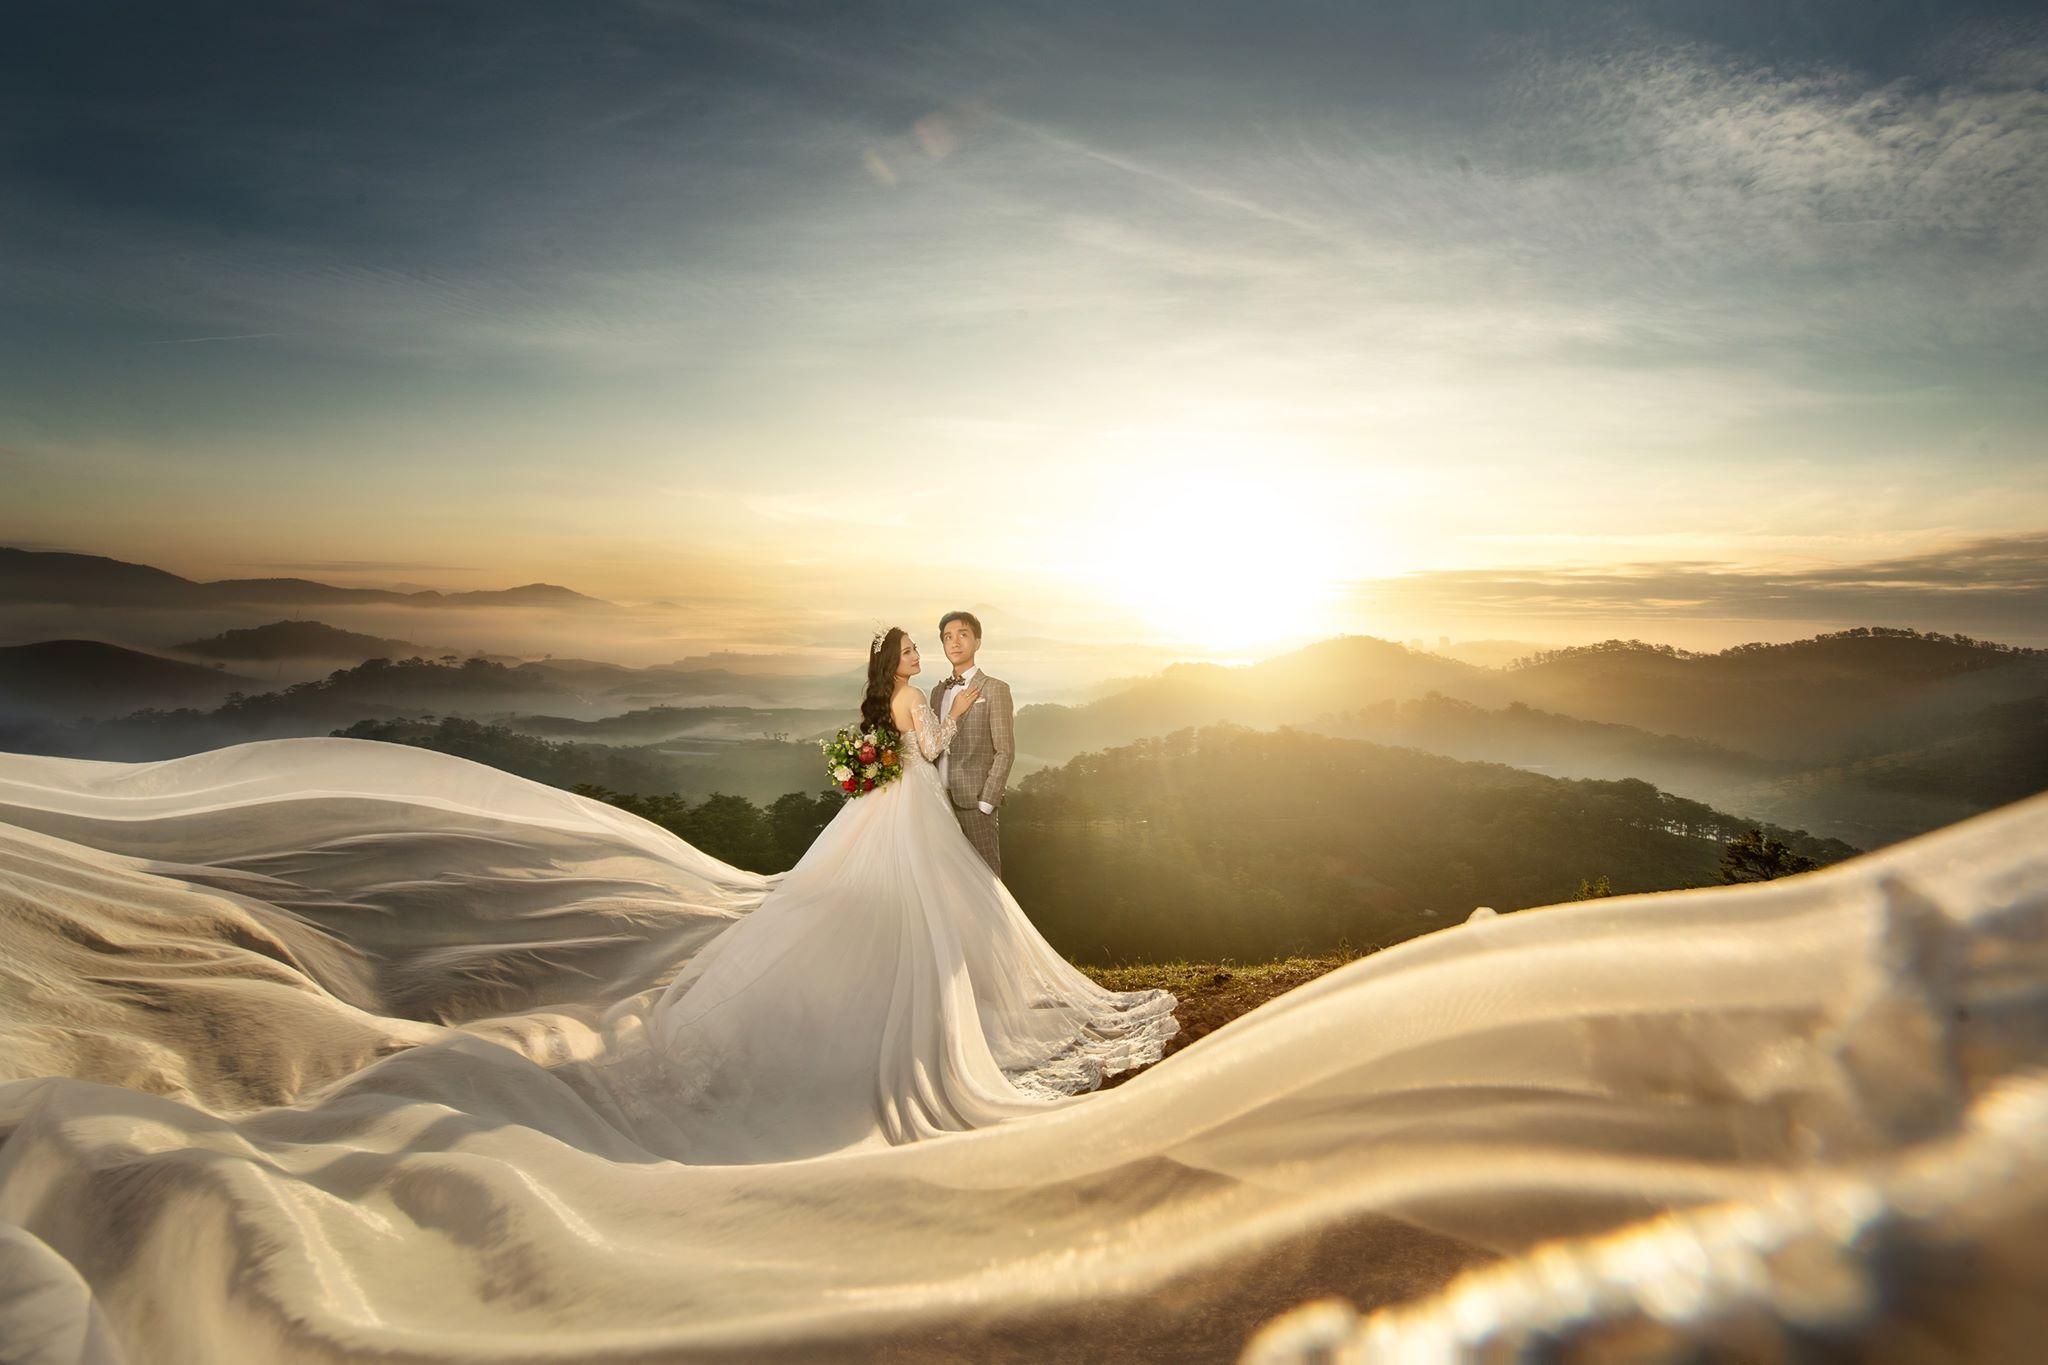 Xếp hạng 10 Studio chụp ảnh cưới đẹp nhất Đà Lạt - Studio Đà Lạt - Hiếu Photography